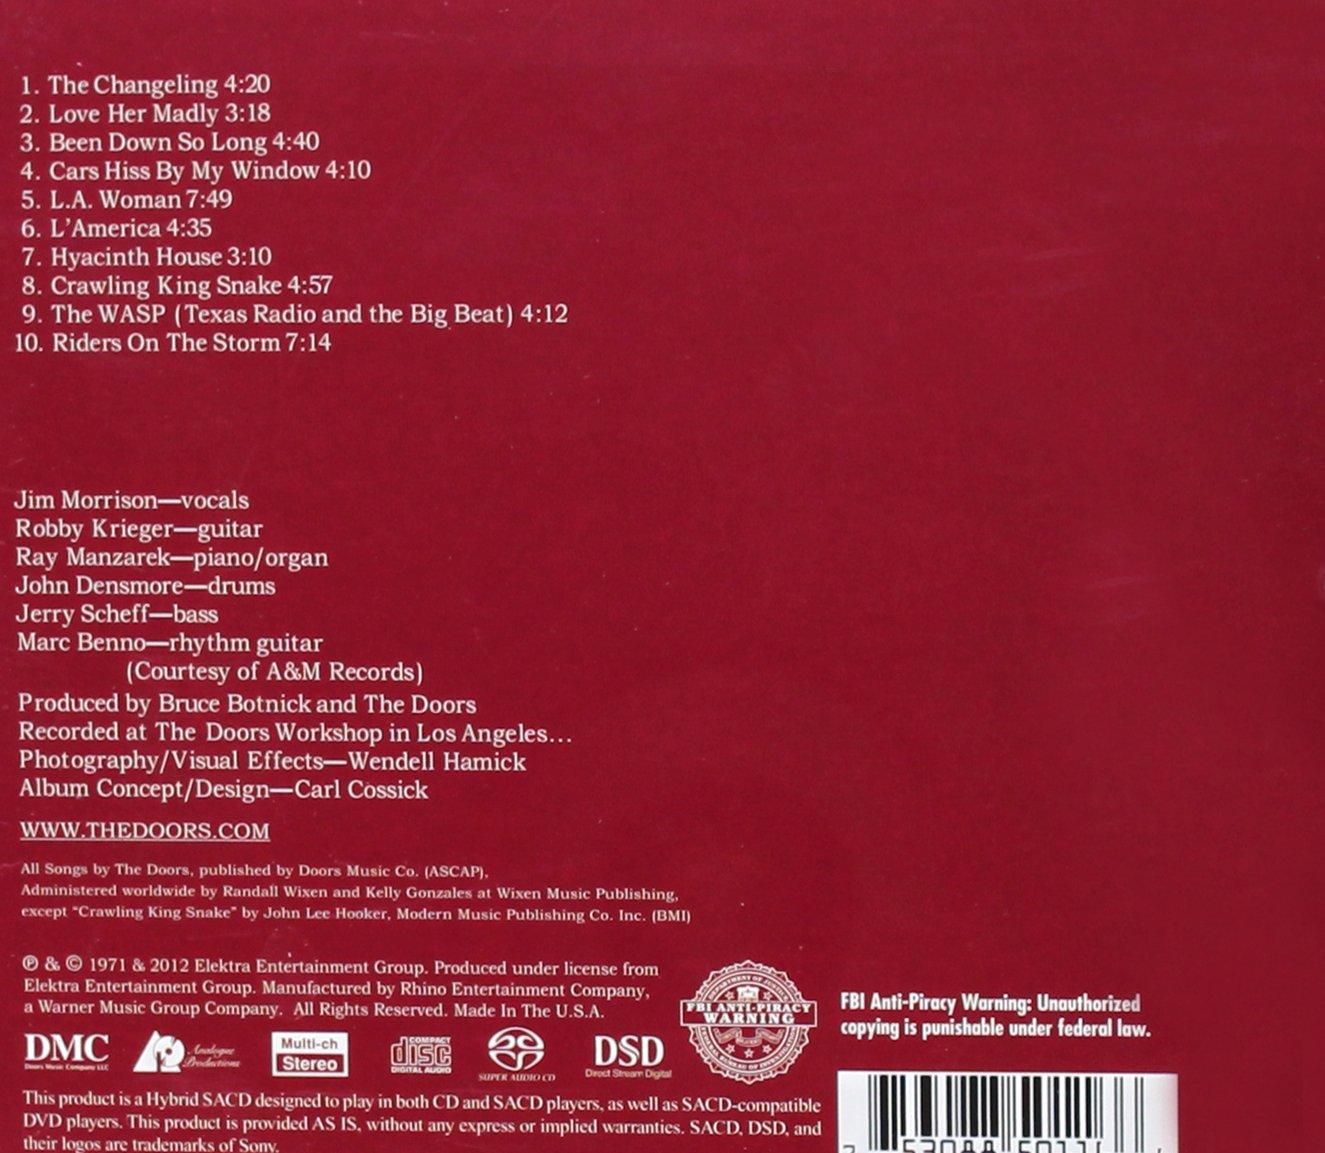 The Doors La Woman Amazon Music